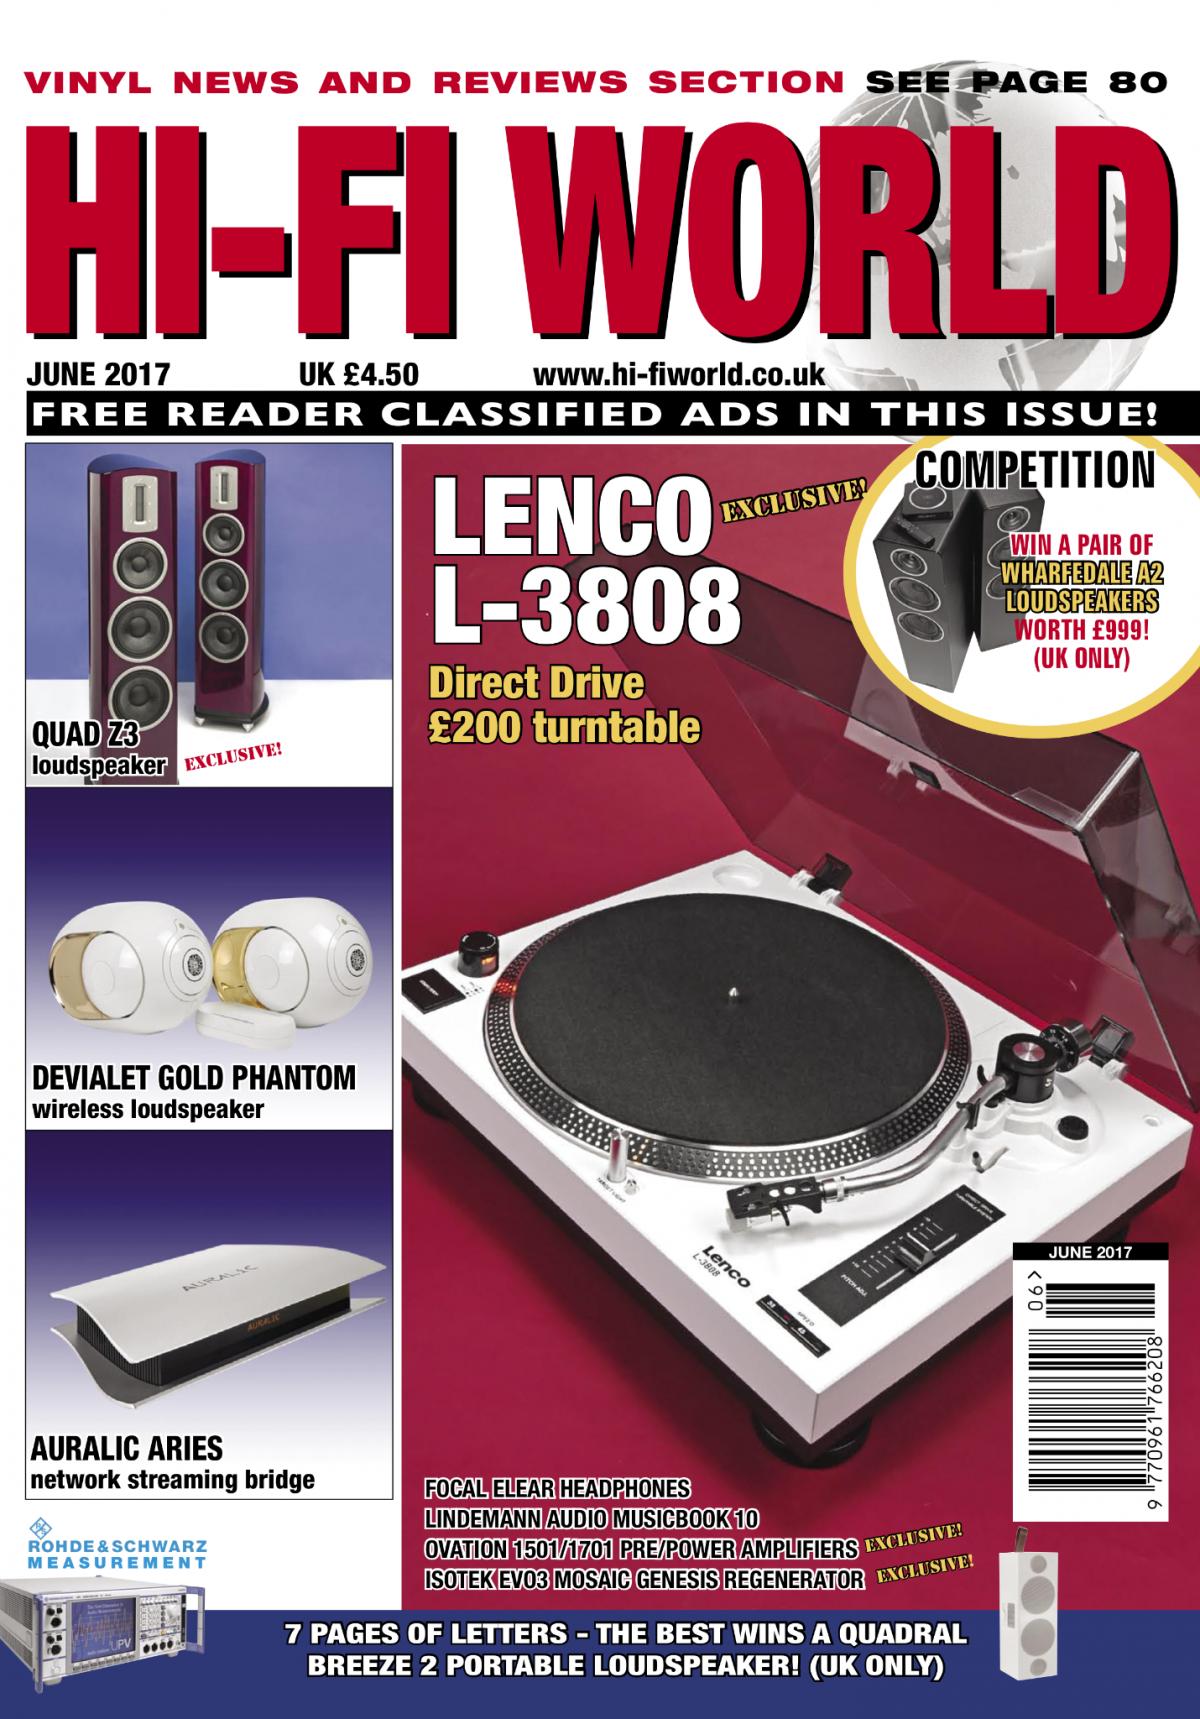 Hifi World test Lindemann musicbook 10